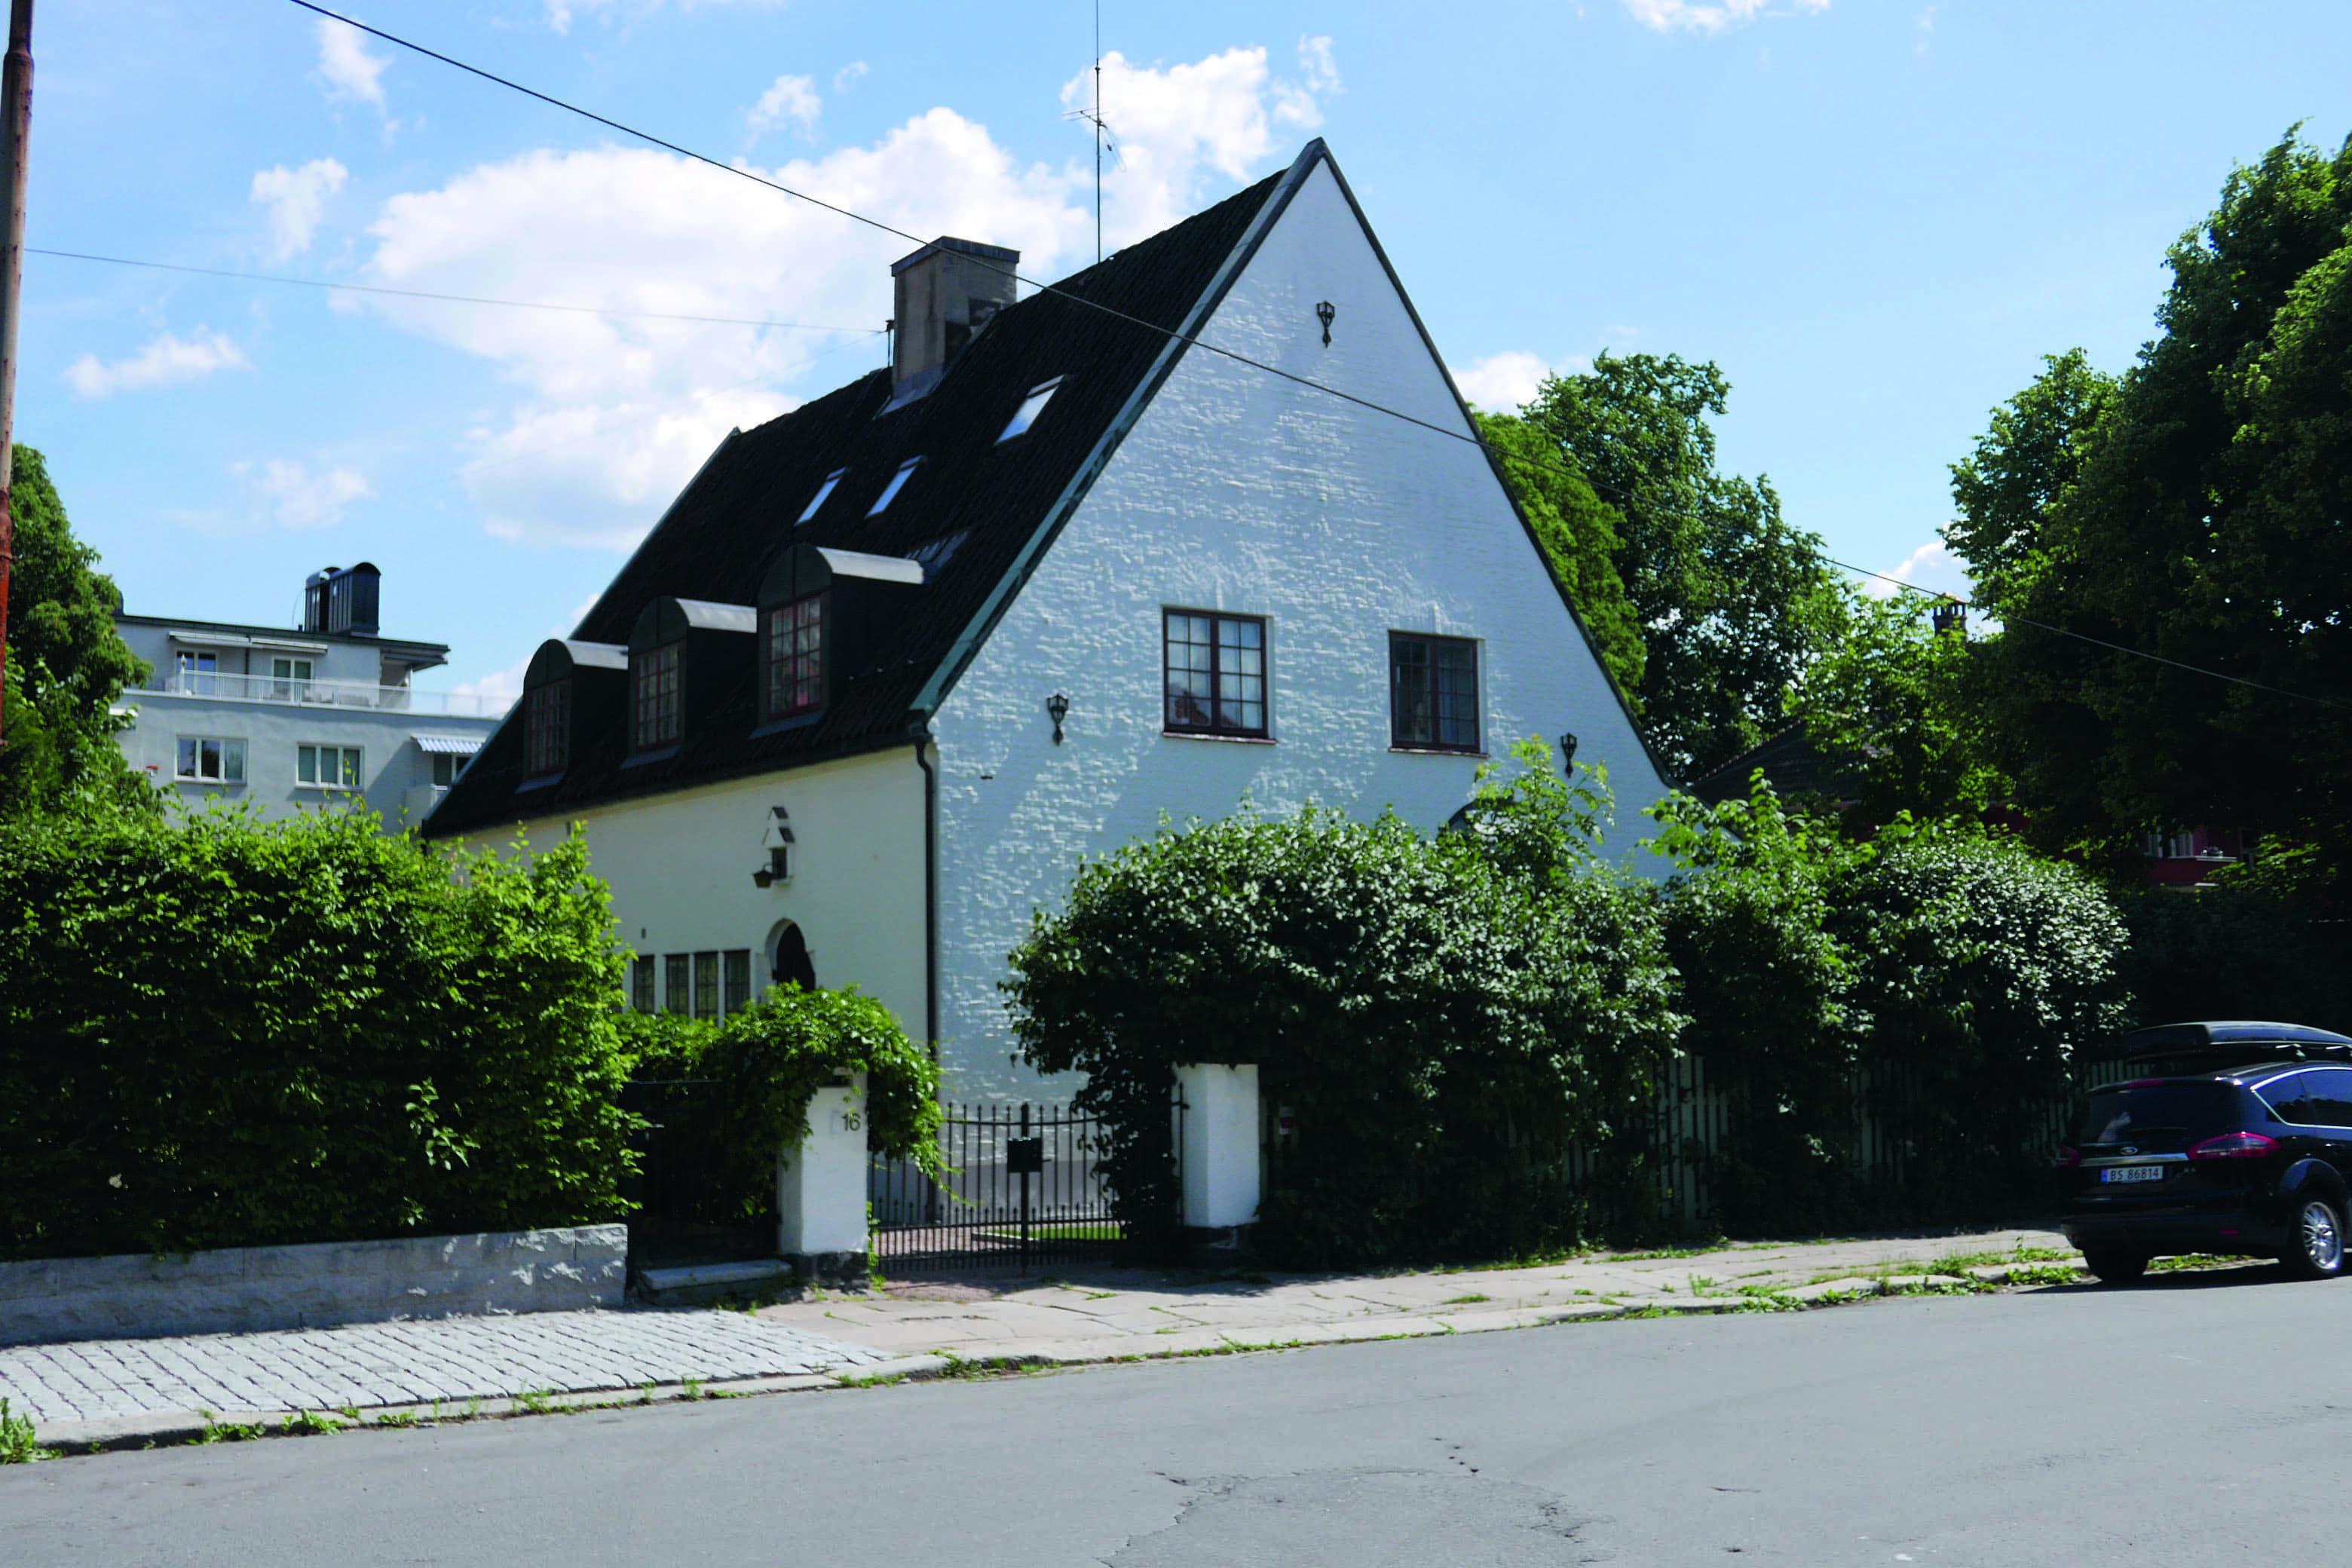 Hafrsfjordsgate 16 i Kristiania for Agnes og Sigurd Scott-Hansen.